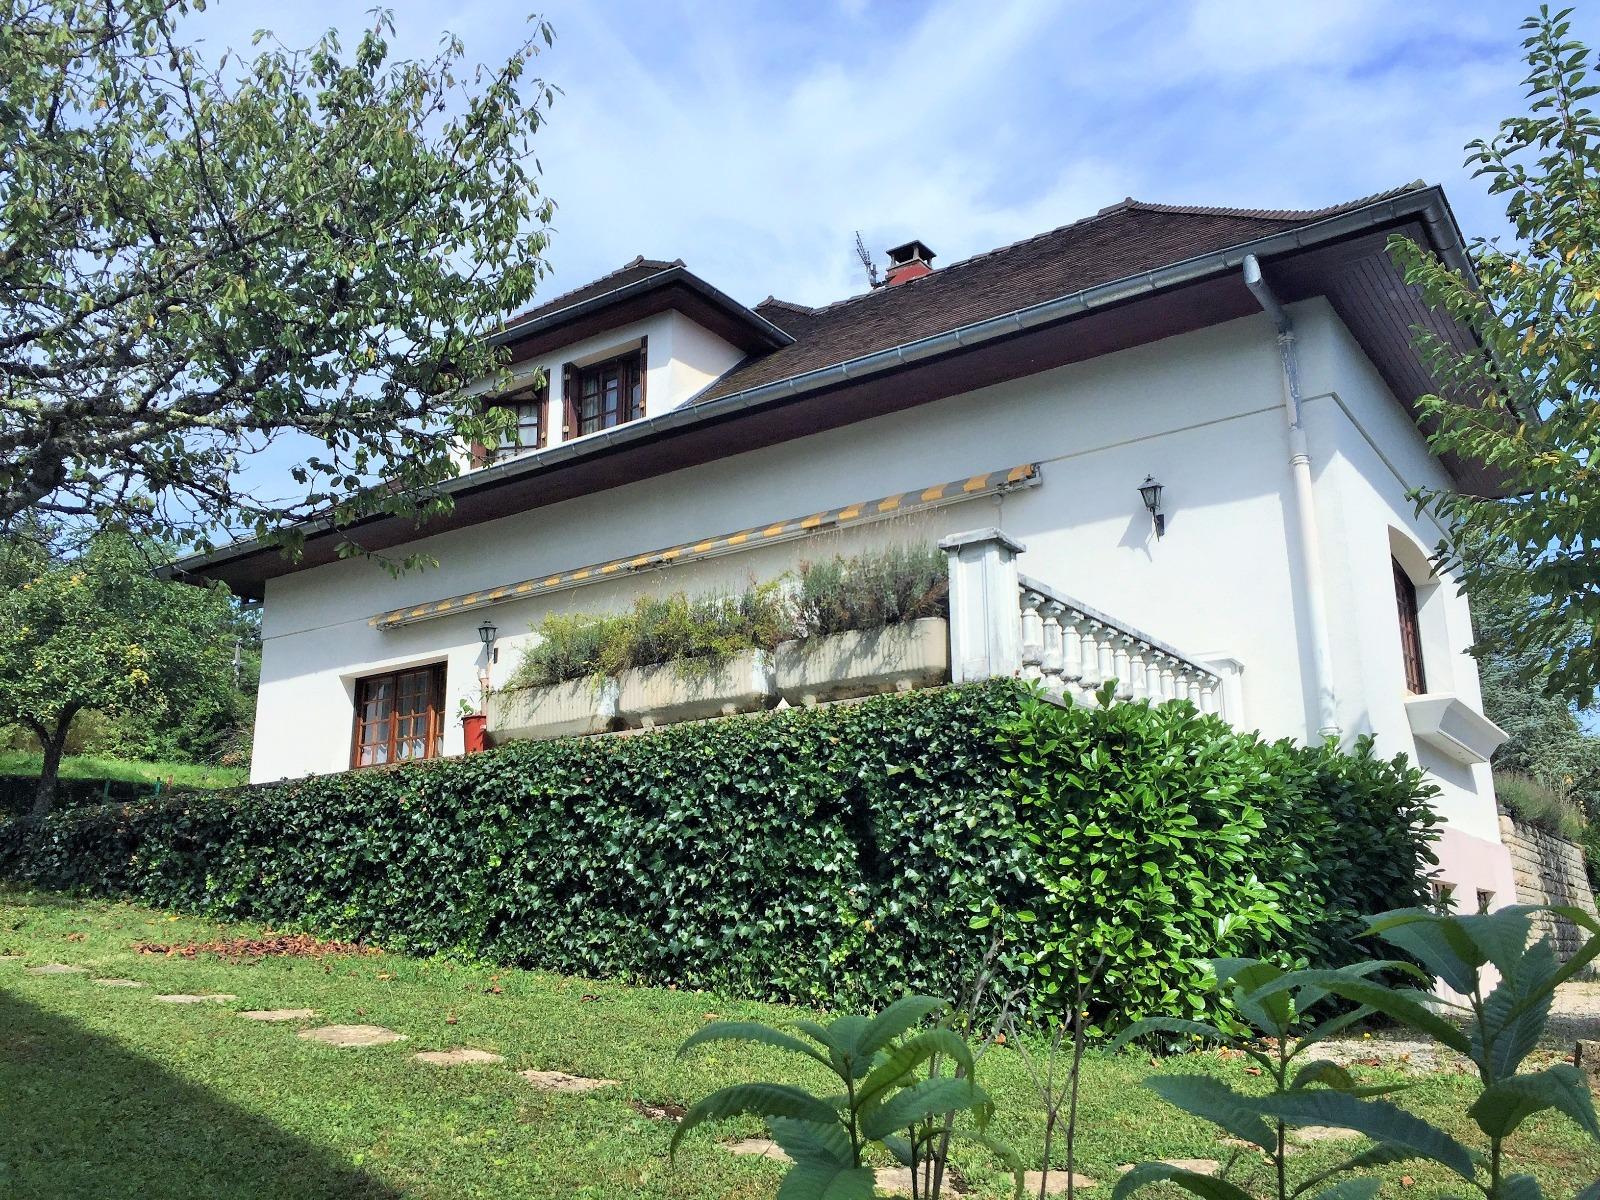 lons le saunier 39000 jura quartier r sidentiel vends maison 200m env 6 chambres sur 980m. Black Bedroom Furniture Sets. Home Design Ideas